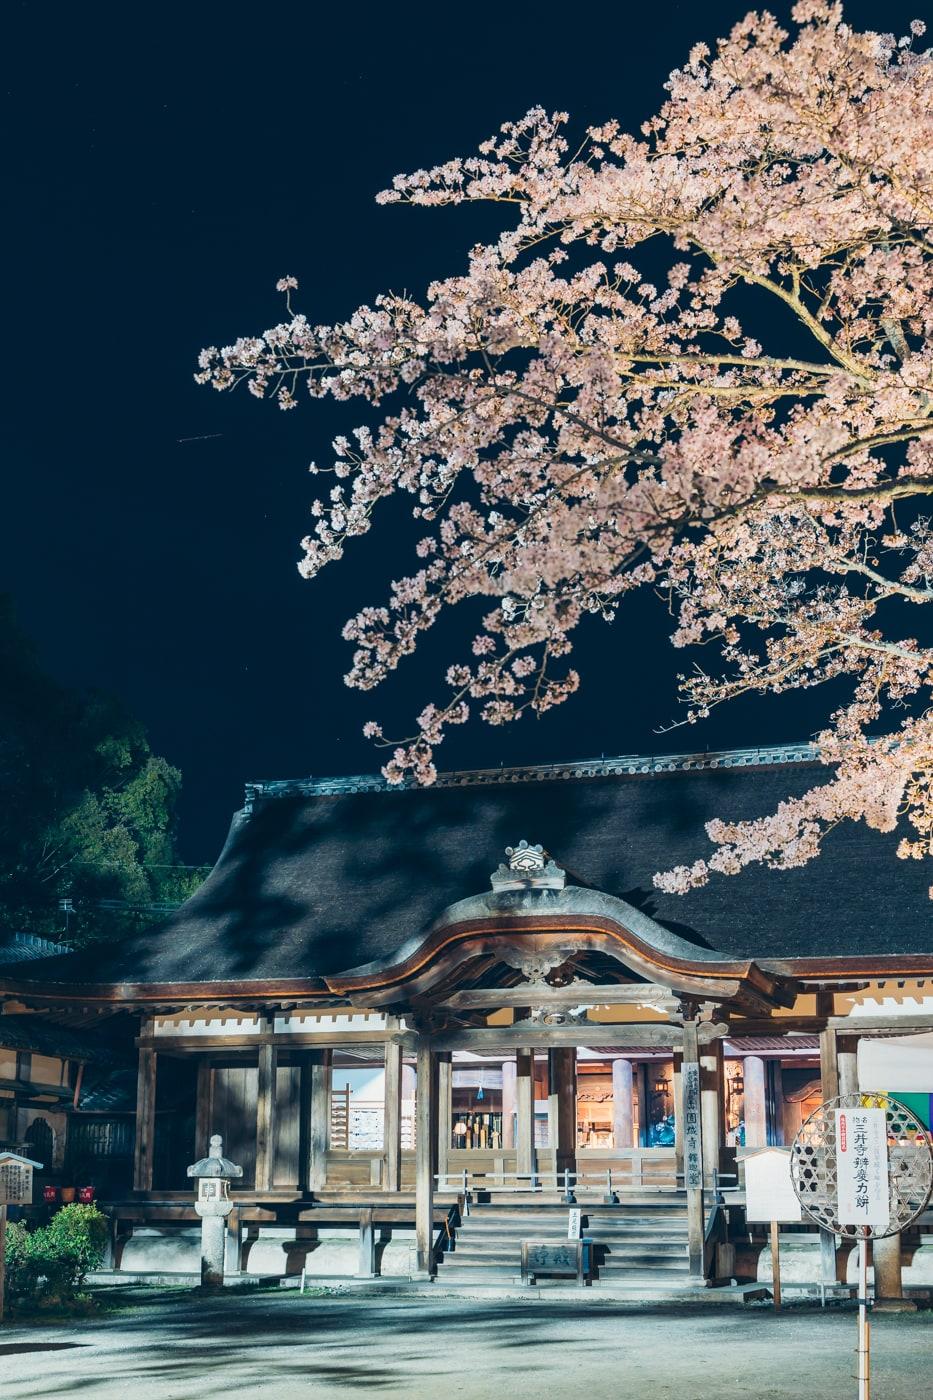 三井寺釈迦堂と夜桜